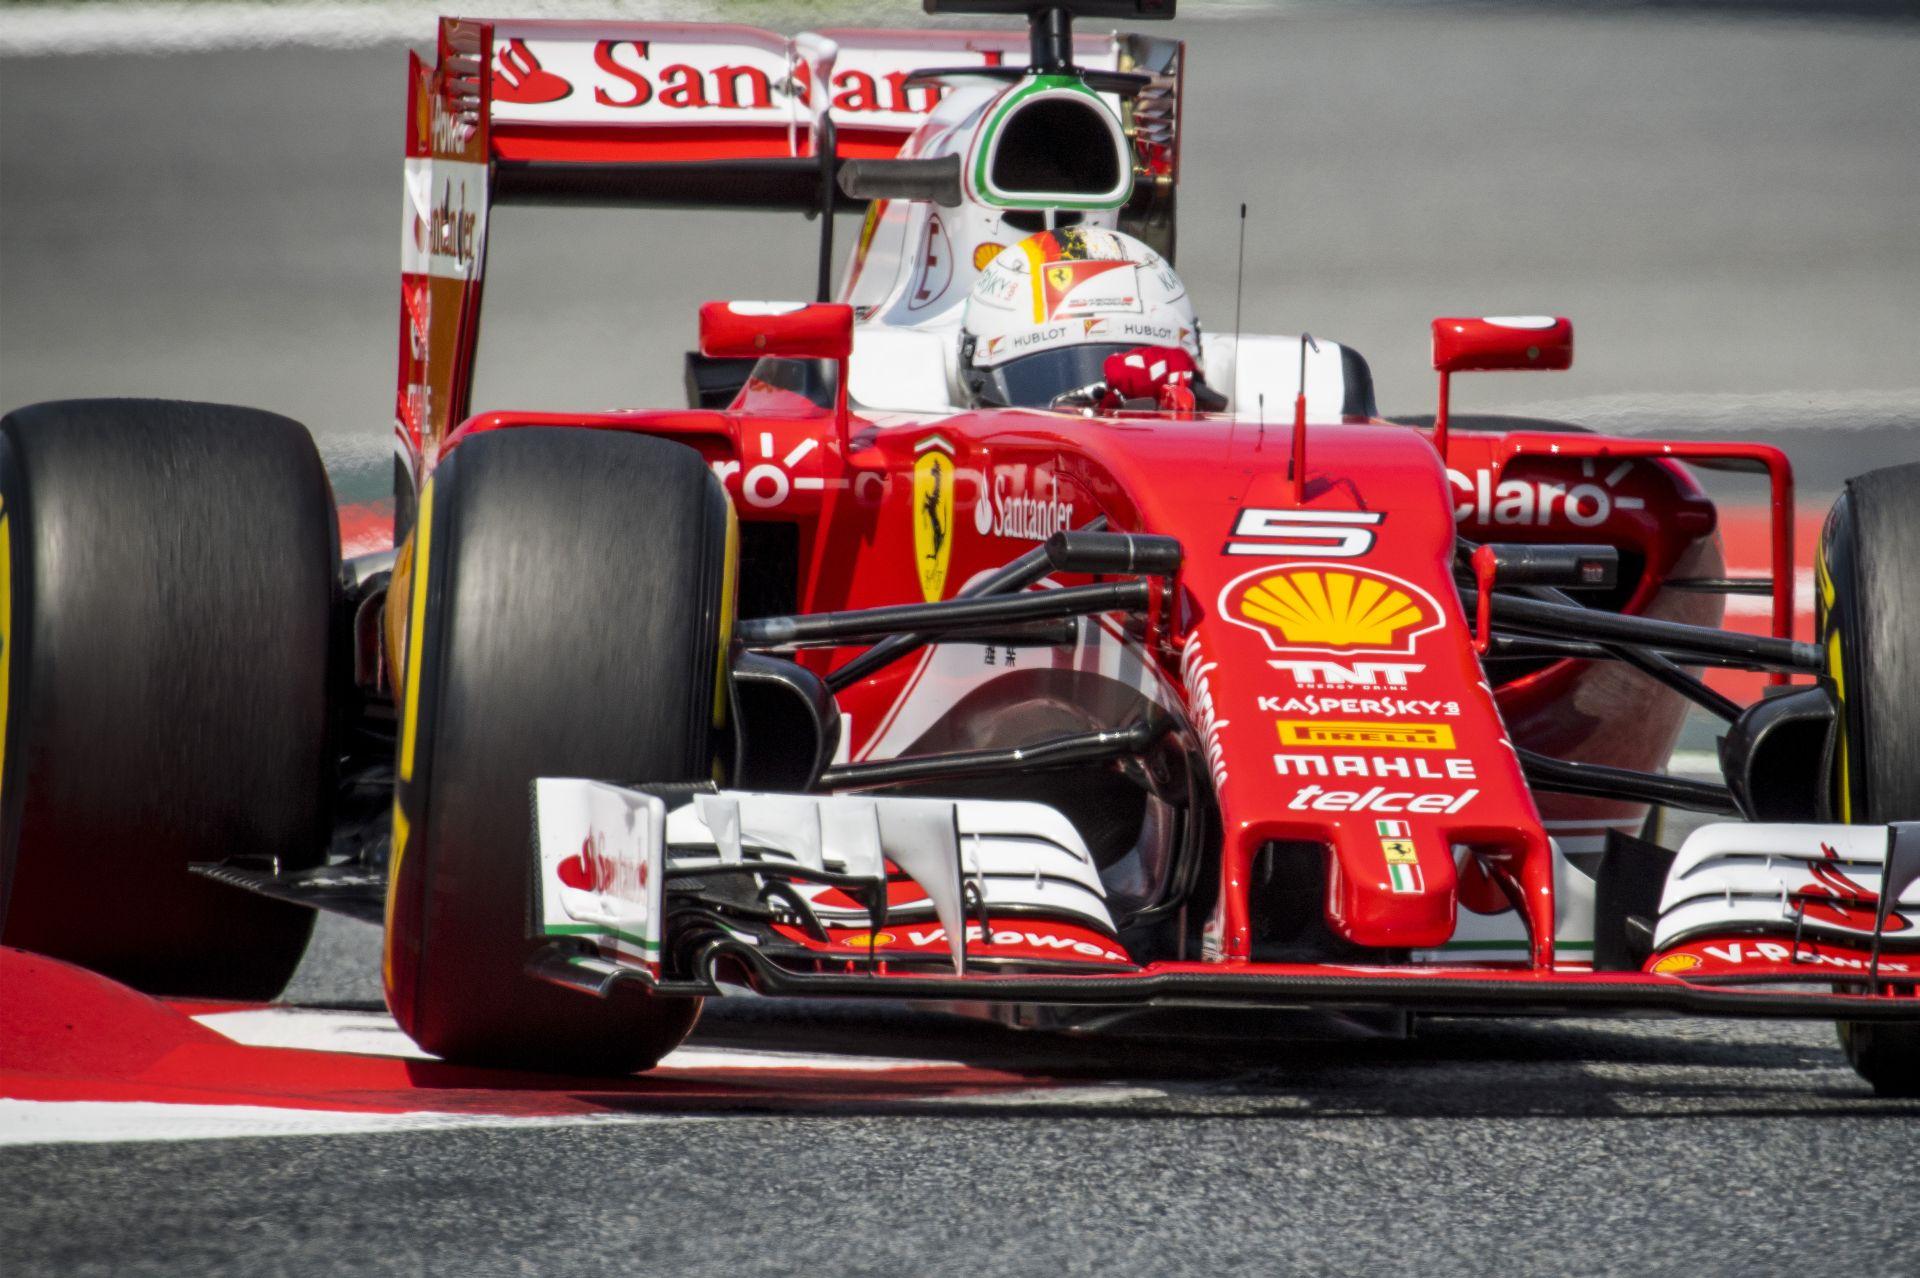 Na ezért akadt ki Vettel: videón, ahogy Ricciardo ráesik a Ferrarira